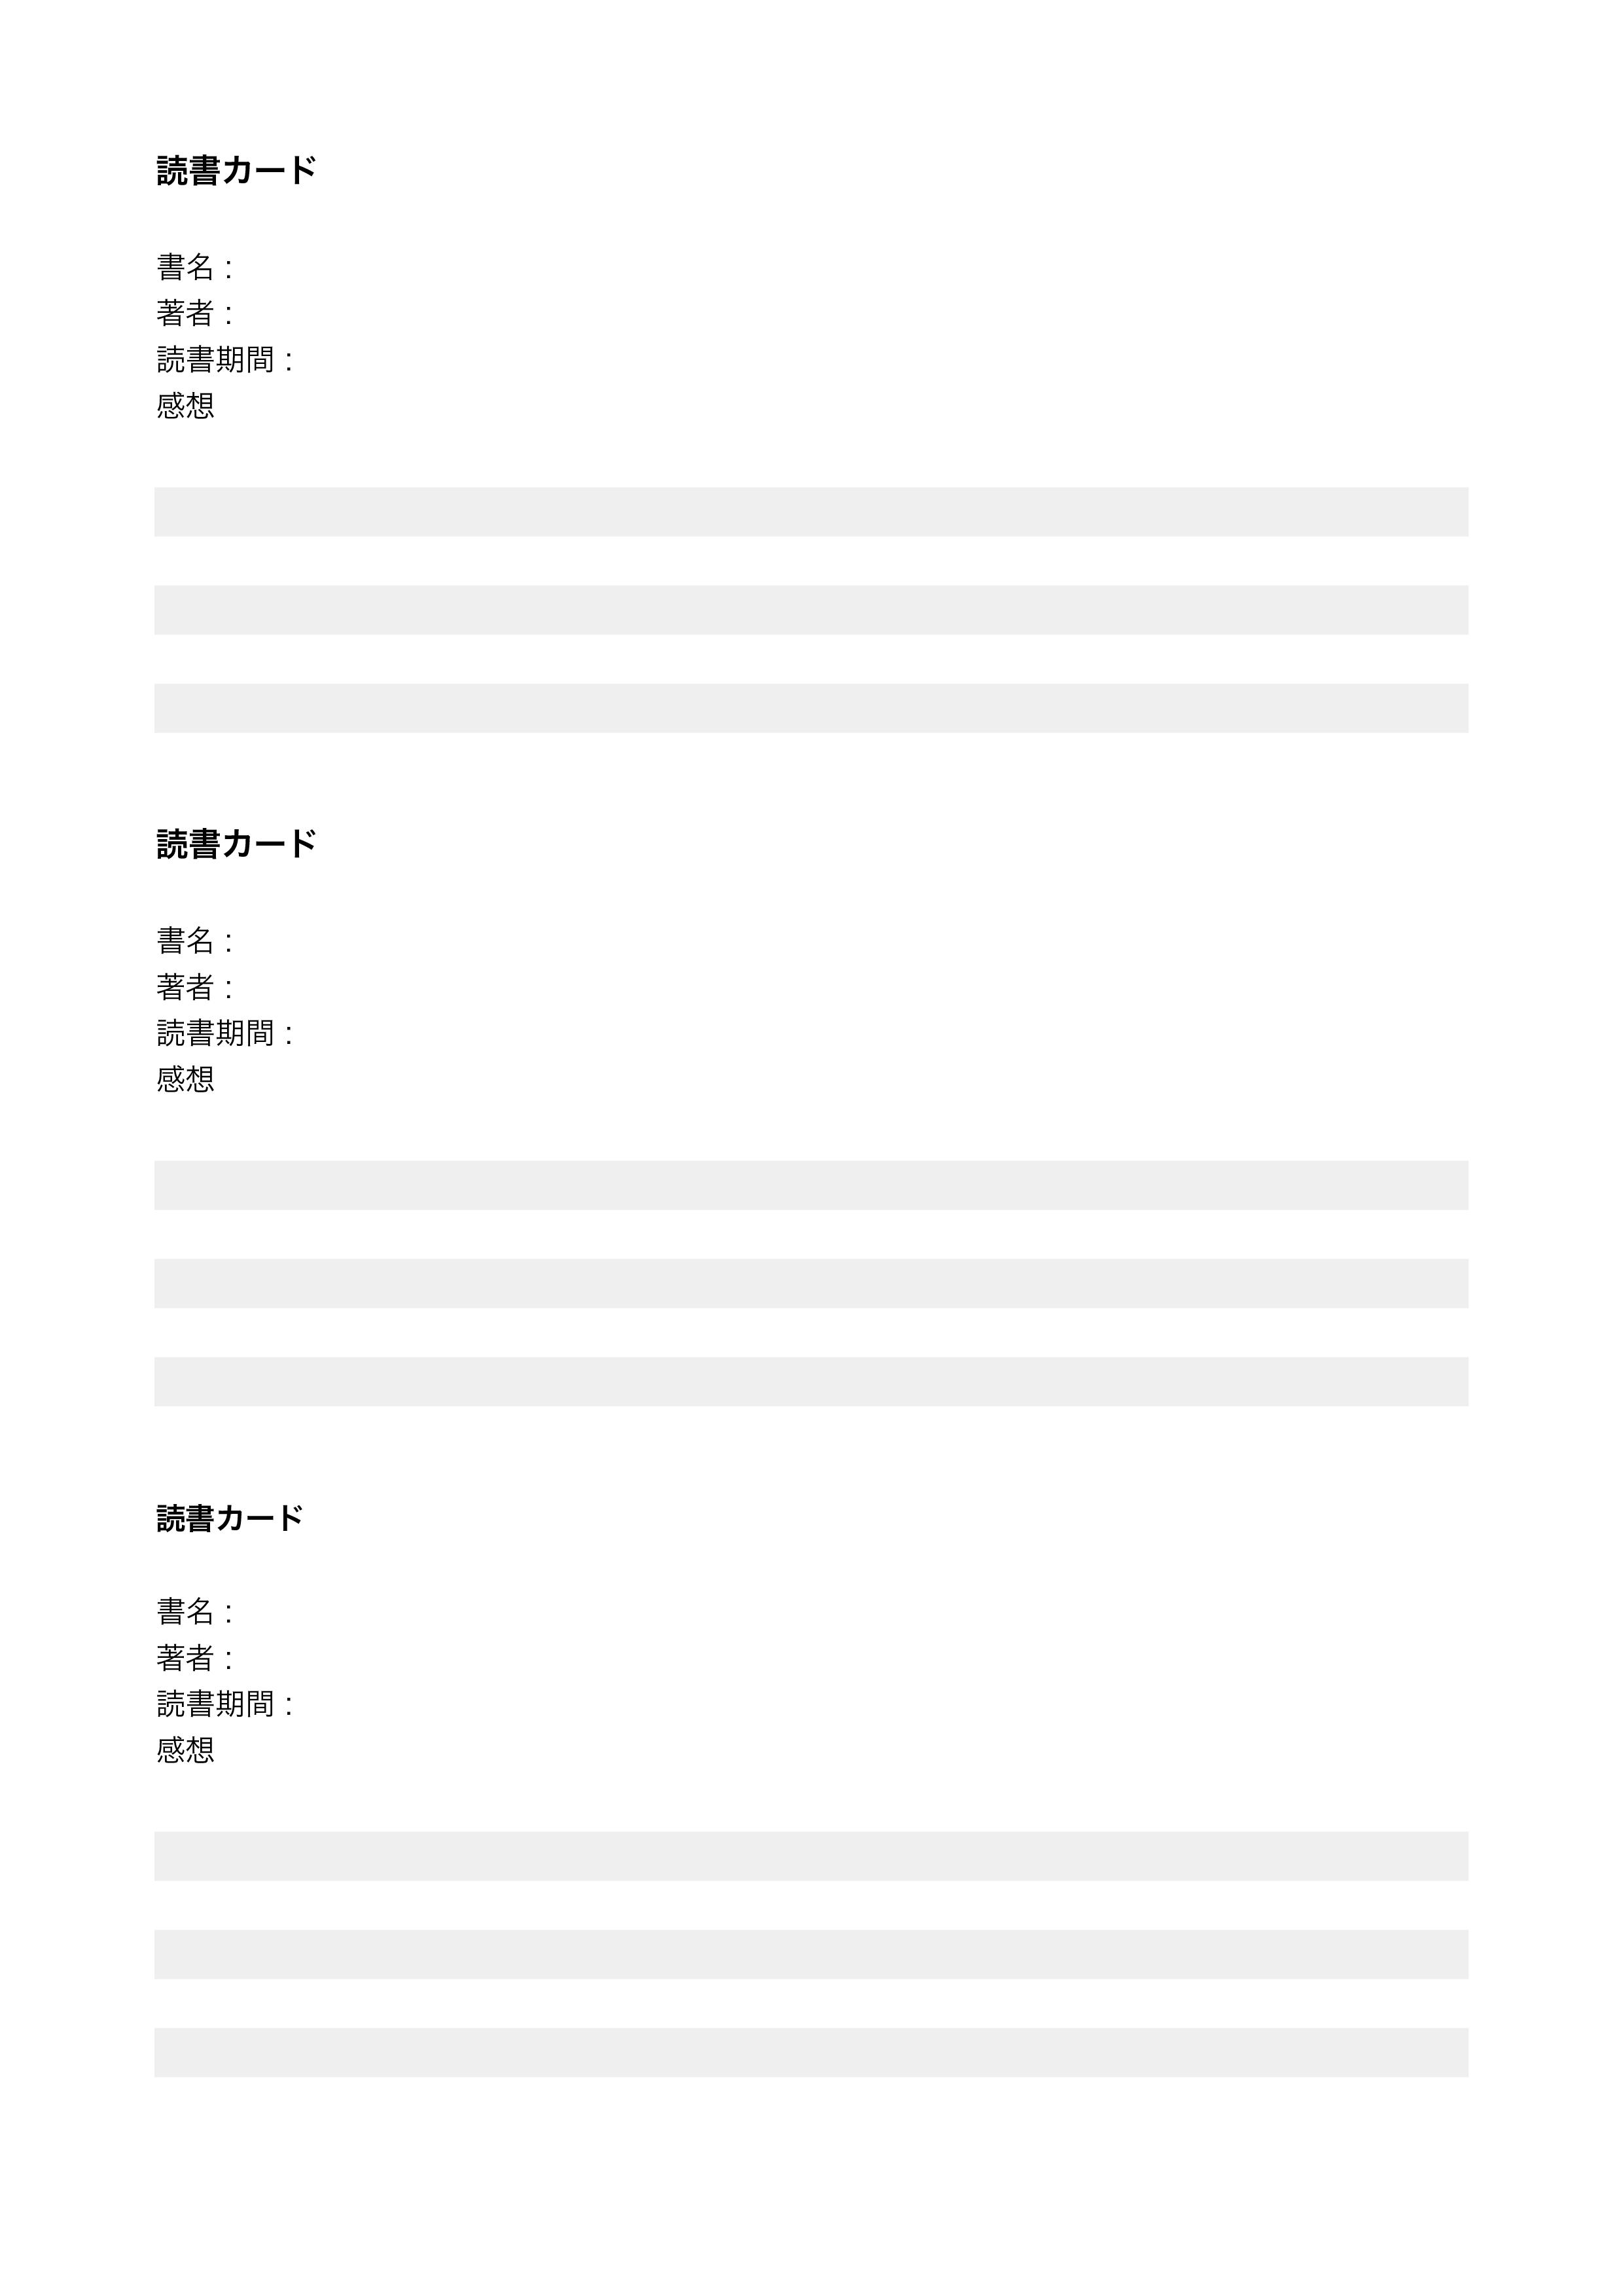 読書カード3冊分 感想欄◎ テンプレート(ワード・ページズ)グレー